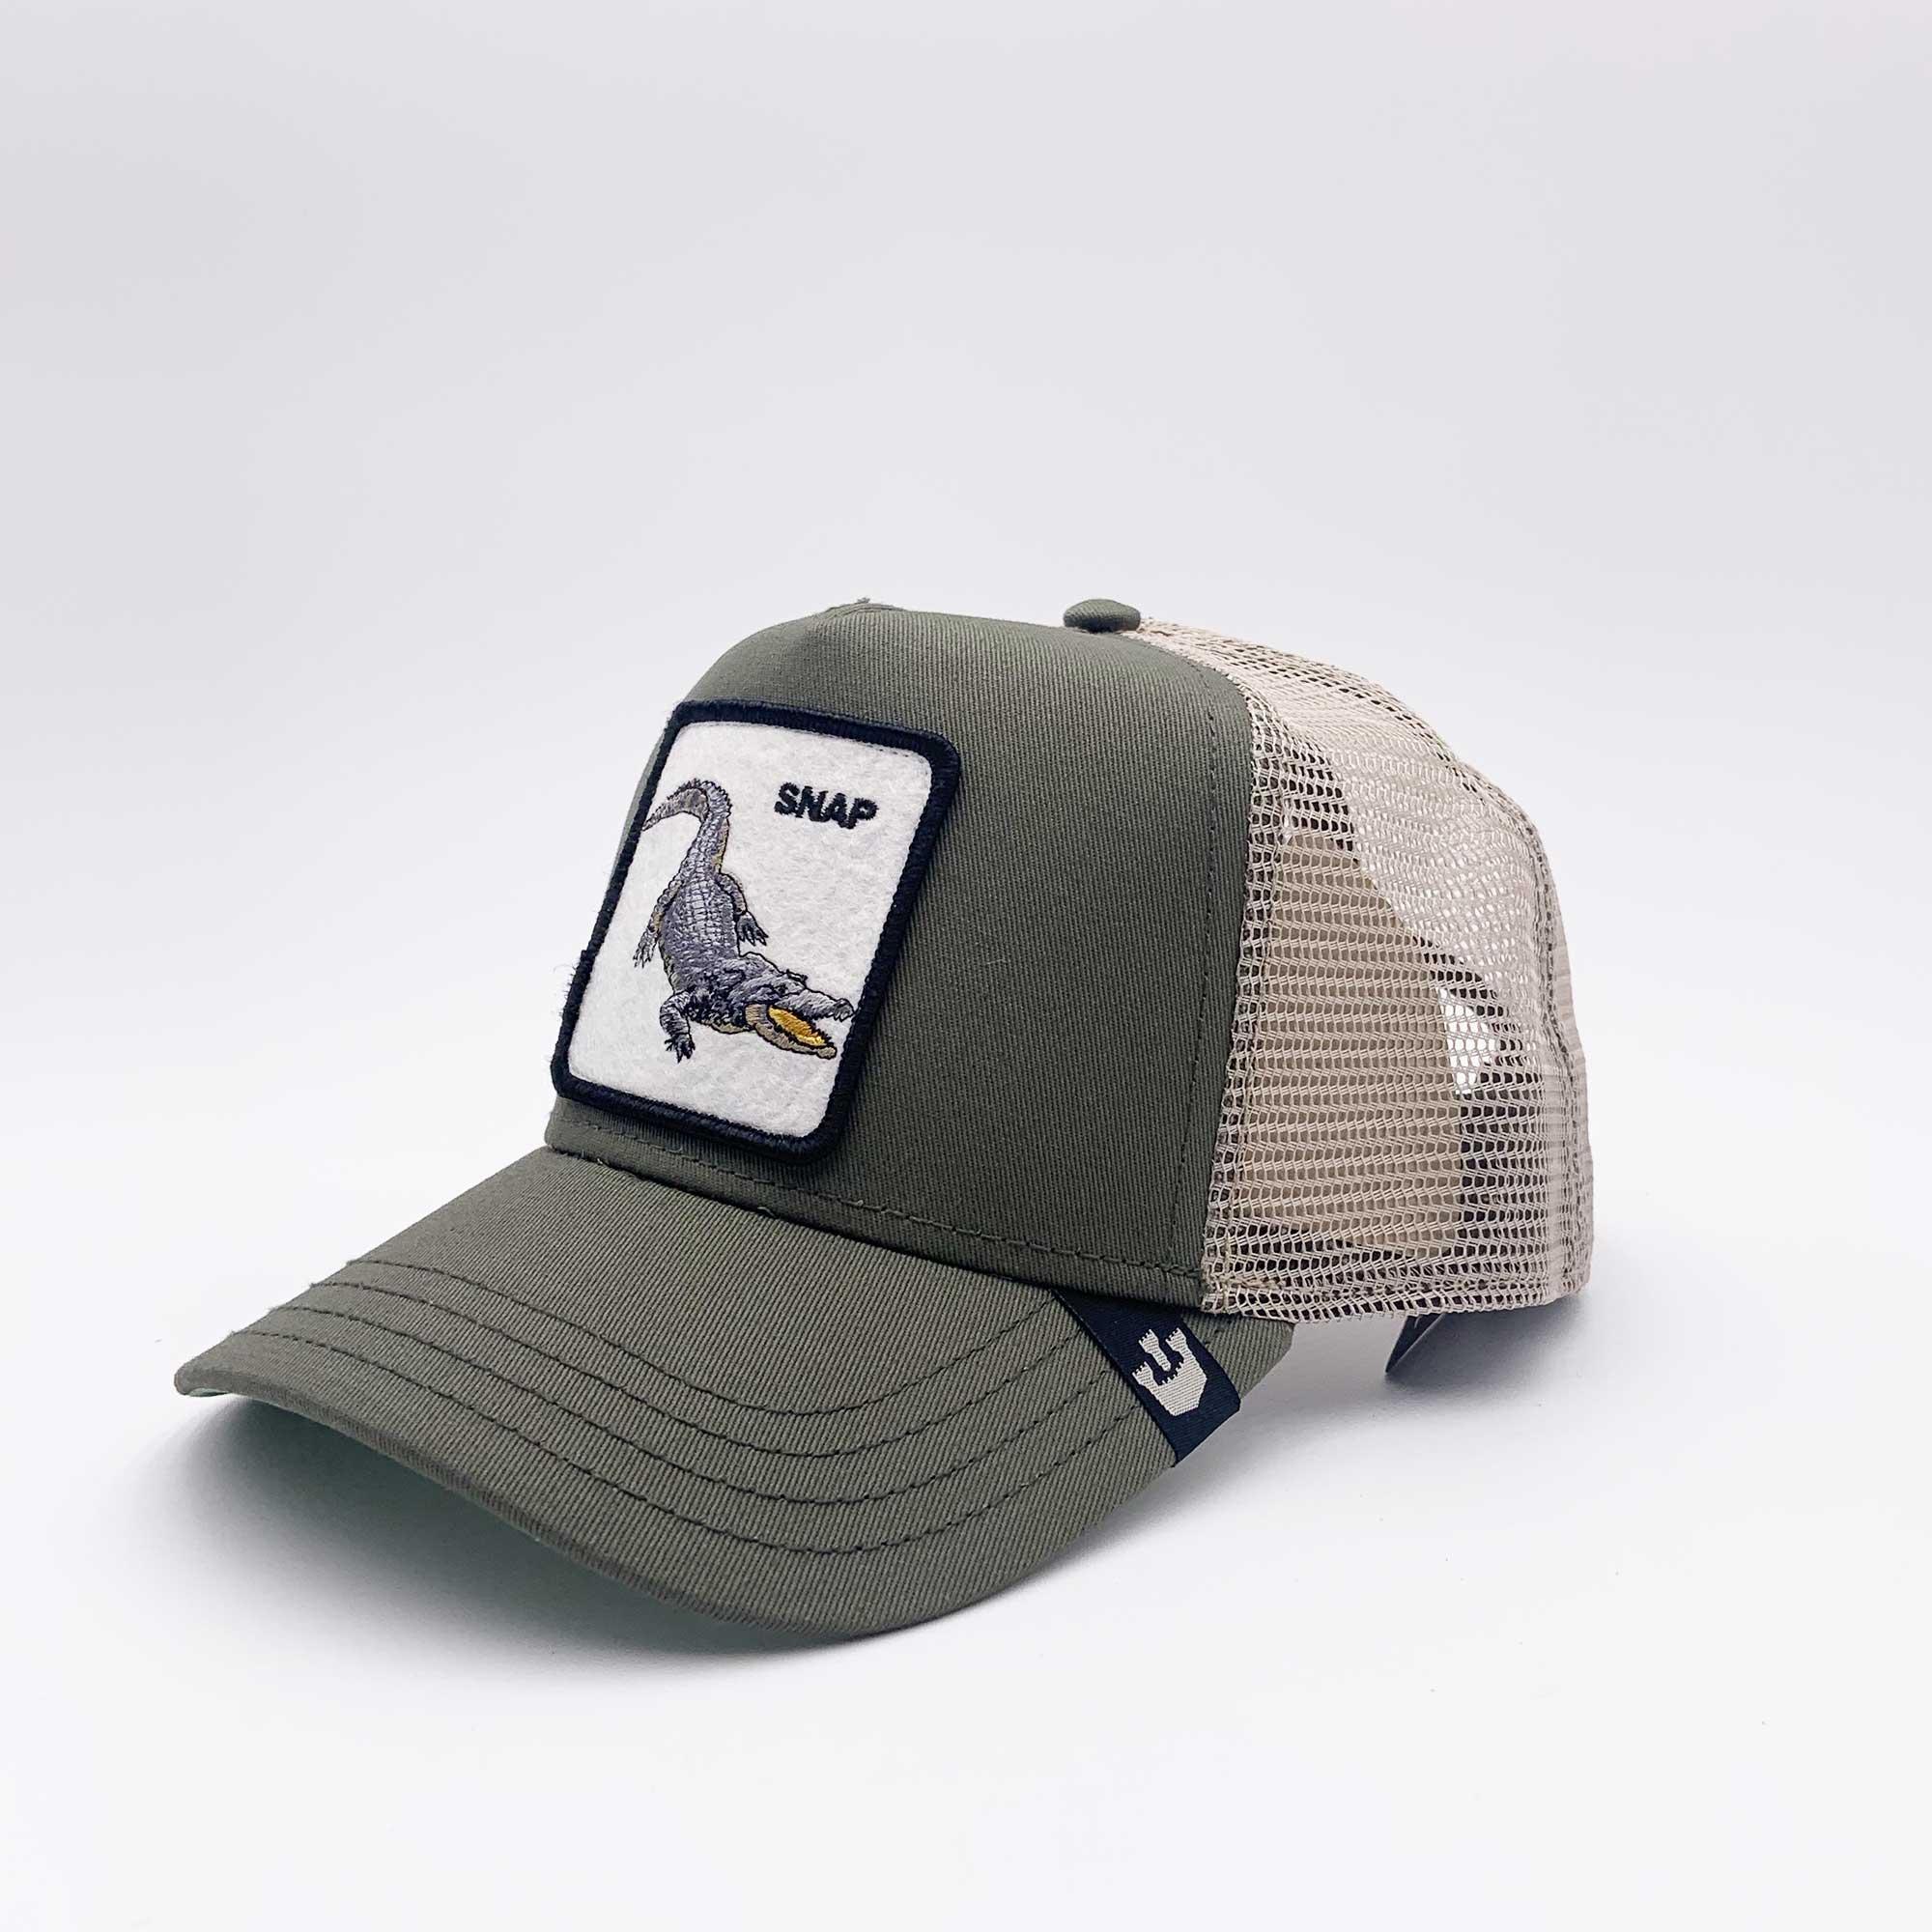 Cappello baseball snap - Verde oliva